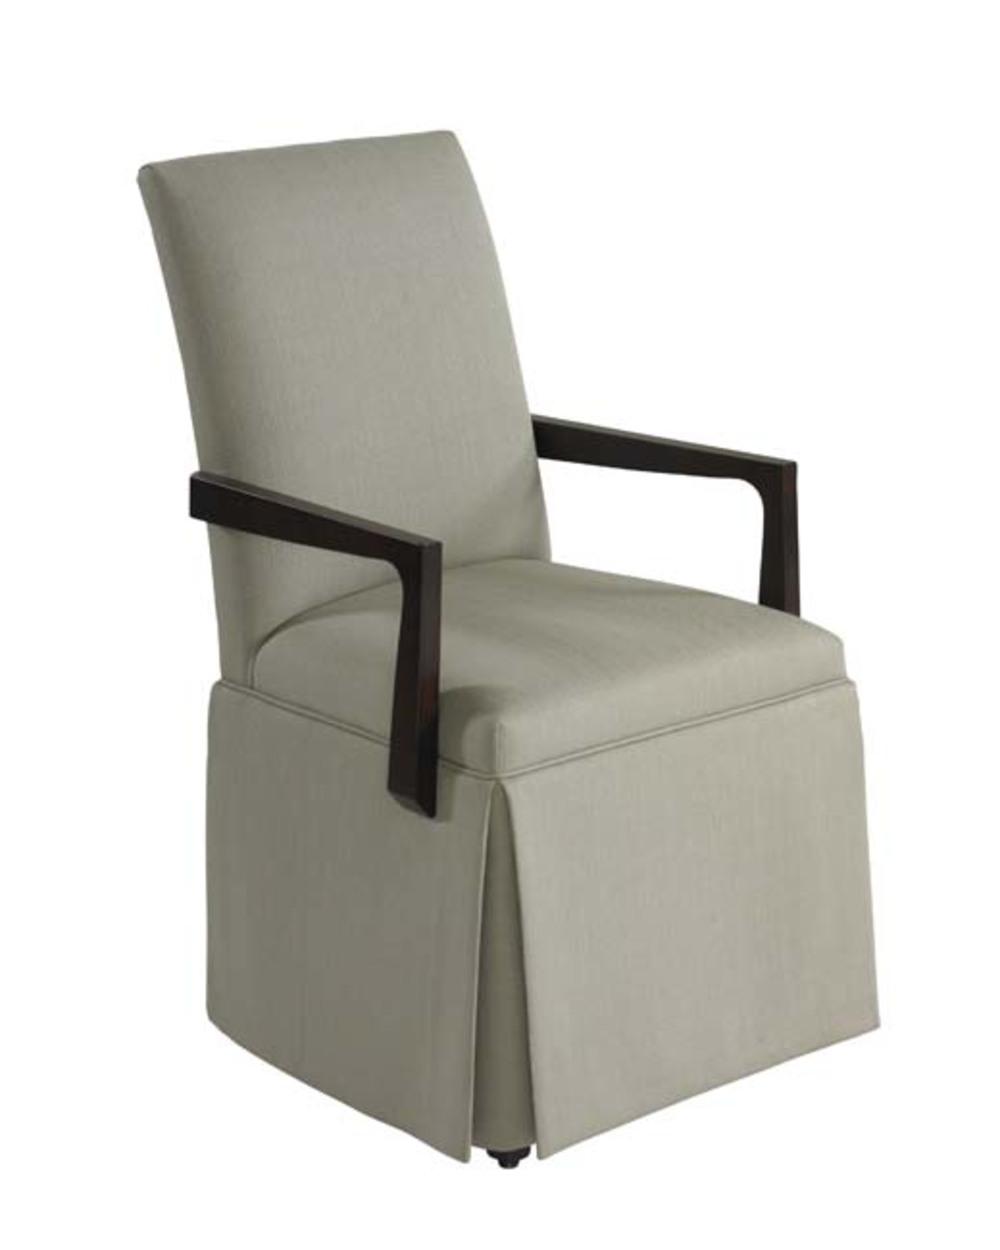 Designmaster Furniture - Marietta Arm Chair